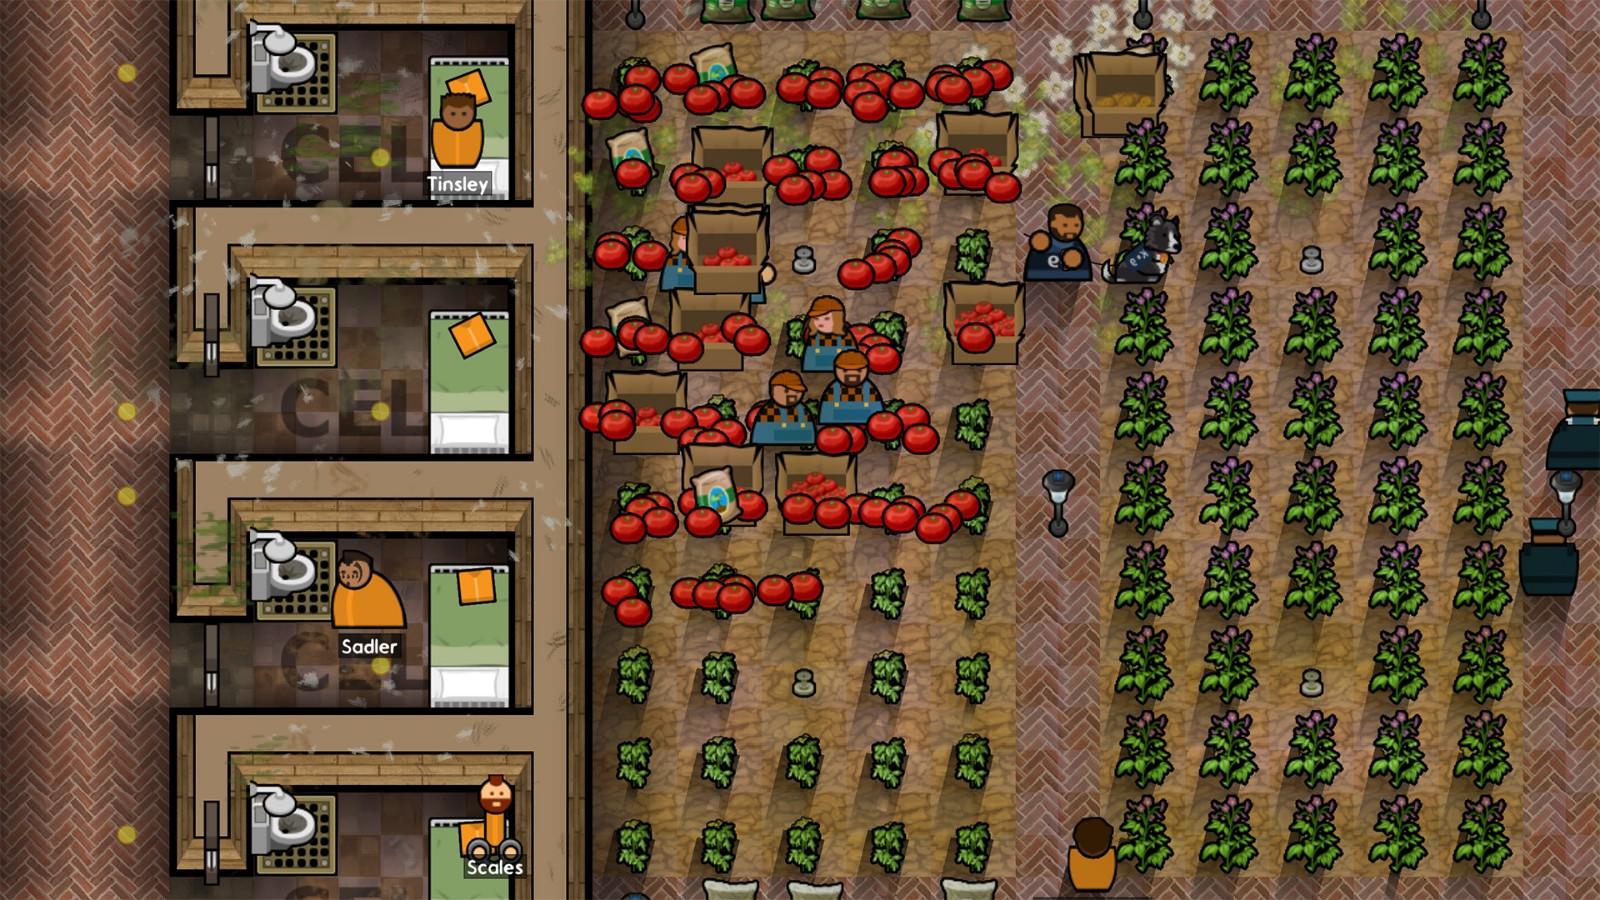 在监狱中种地 《监狱建筑师》新DLC将于1月28日上线